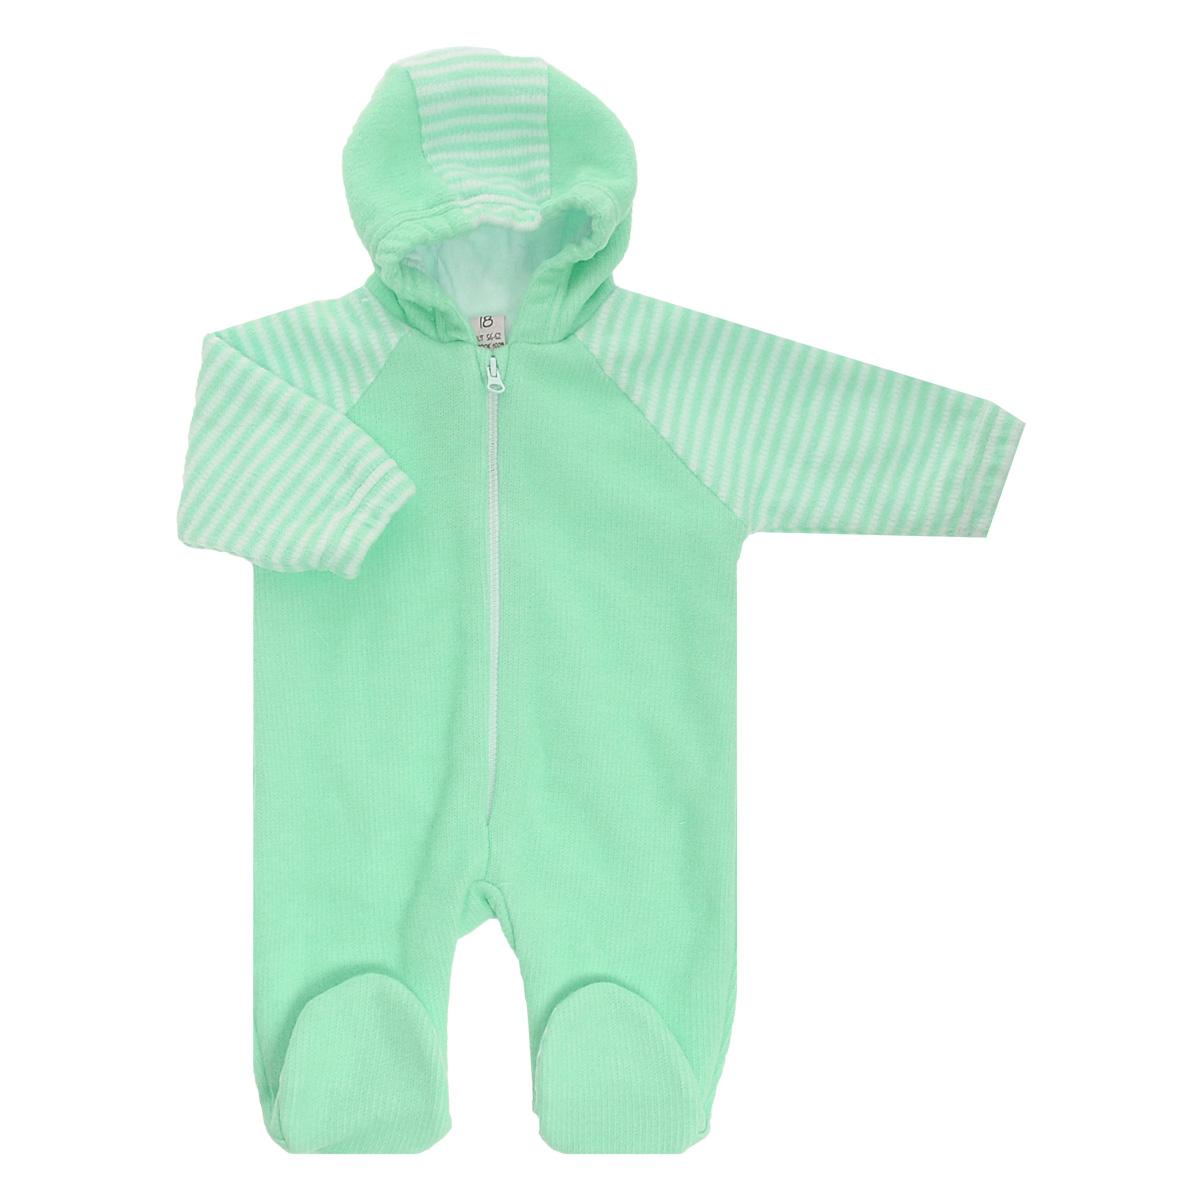 Комбинезон домашний4-13Детский вязаный комбинезон с капюшоном Lucky Child - очень удобный и практичный вид одежды для малышей. Комбинезон выполнен из натурального хлопка, на подкладке также используется натуральный хлопок, благодаря чему он необычайно мягкий и приятный на ощупь, не раздражают нежную кожу ребенка и хорошо вентилируются, а эластичные швы приятны телу малыша и не препятствуют его движениям. Комбинезон с длинными рукавами-реглан и закрытыми ножками имеет пластиковую застежку-молнию по центру, которая помогает легко переодеть младенца. Рукава понизу дополнены неширокими эластичными манжетами, не перетягивающими запястья. С детским комбинезоном Lucky Child спинка и ножки вашего малыша всегда будут в тепле. Комбинезон полностью соответствует особенностям жизни младенца в ранний период, не стесняя и не ограничивая его в движениях!